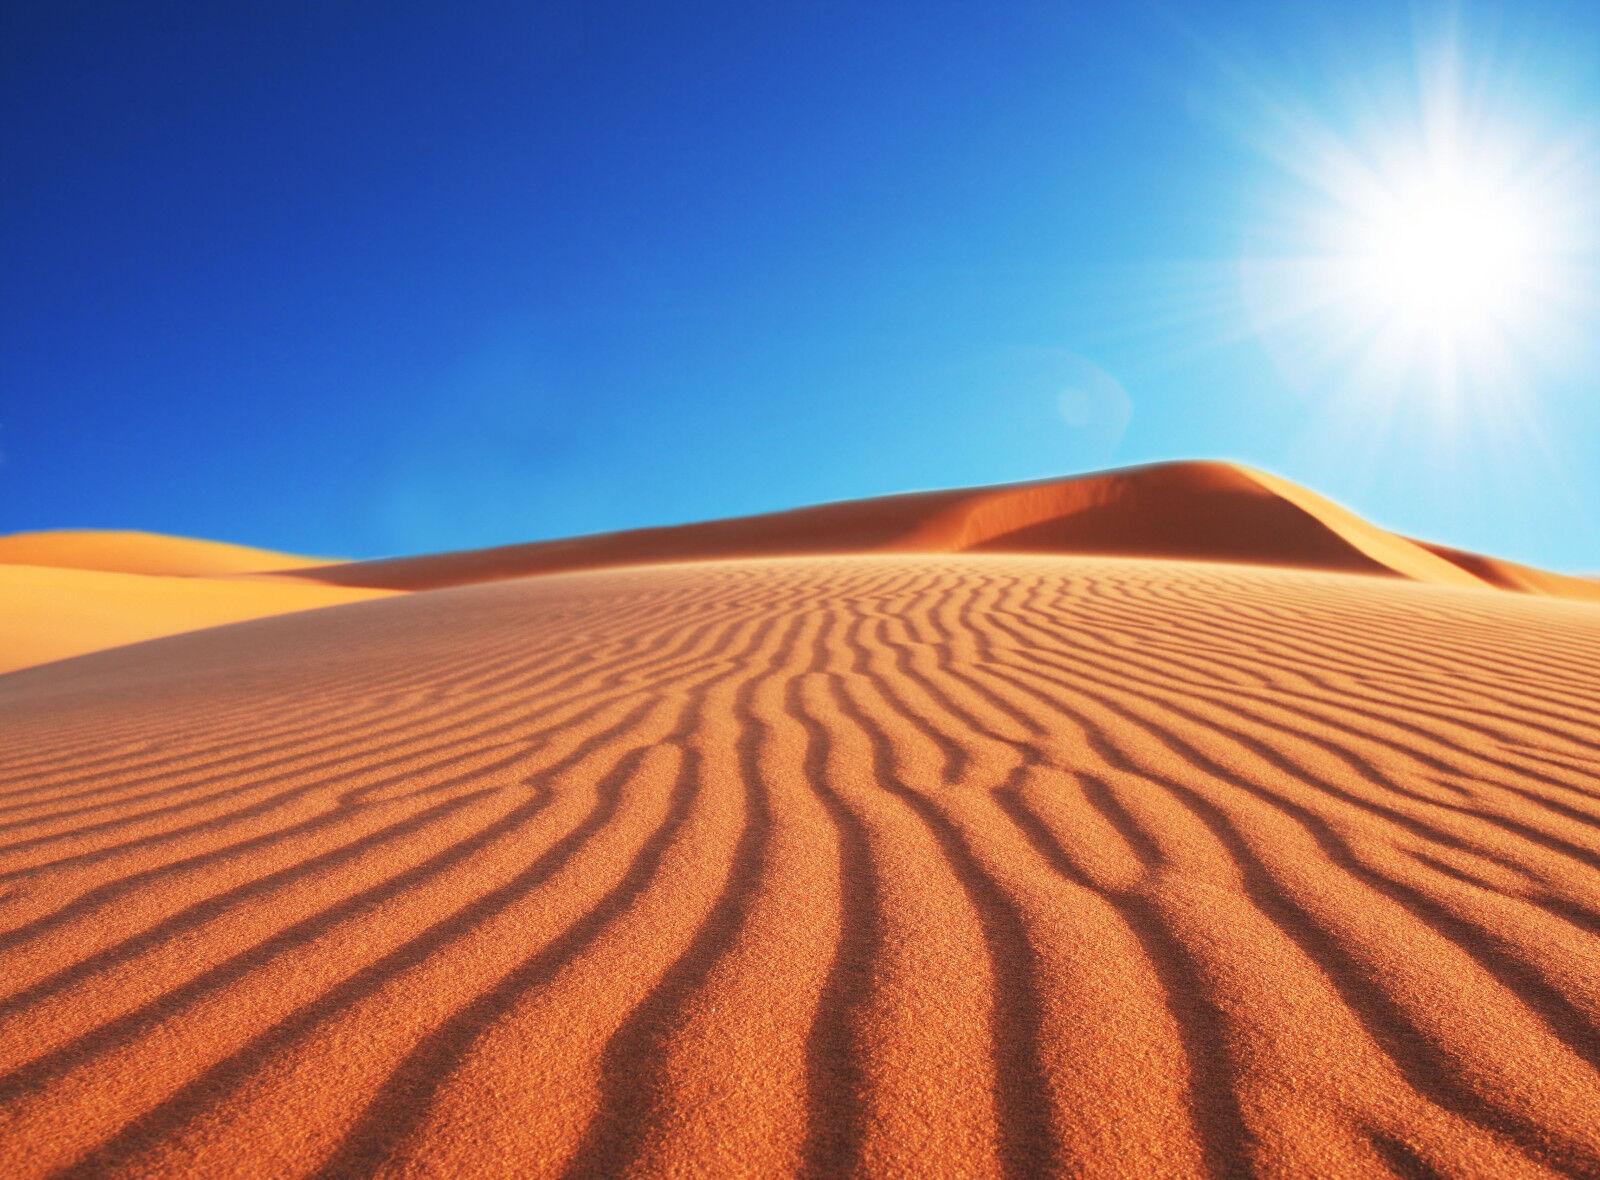 VLIES Fototapete-WÜSTE DÜNE-(318V)-350x260cm-7 Bahnen 50x260-Afrika Beach Sonne